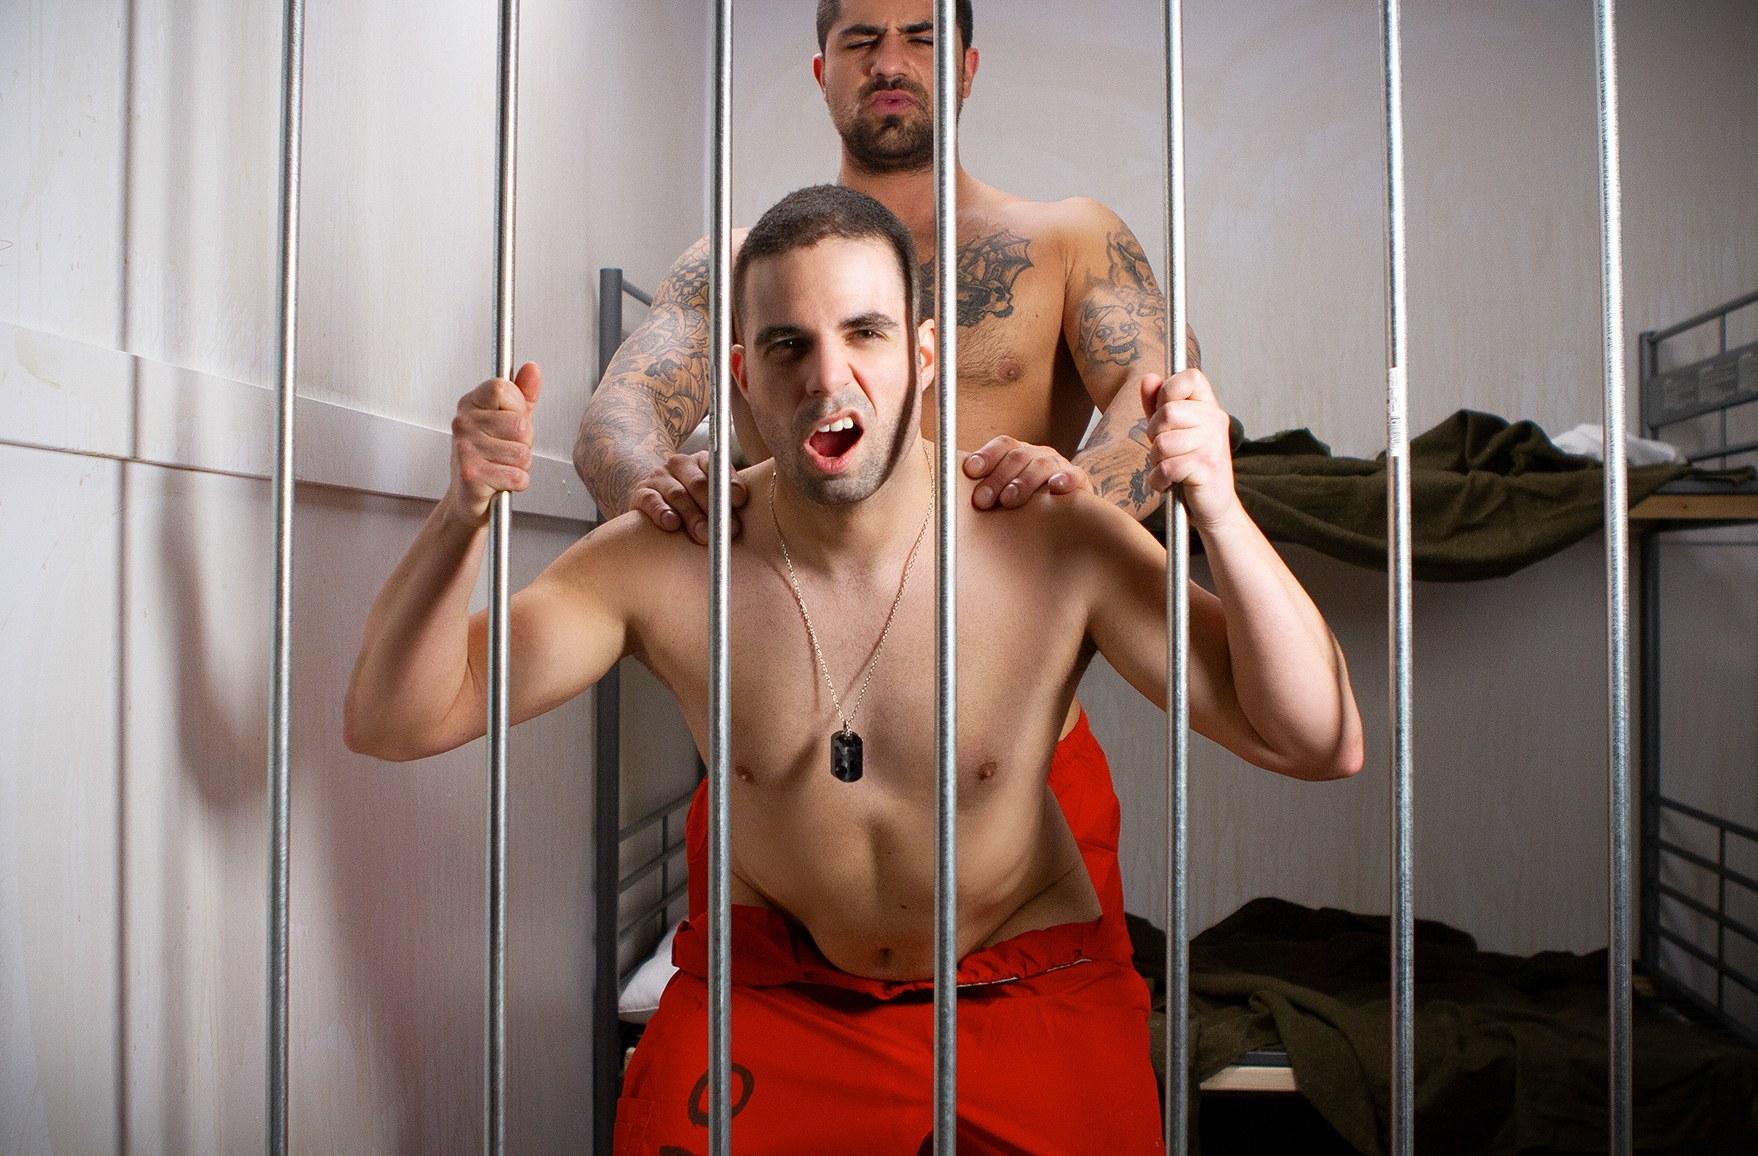 Prison gay porn